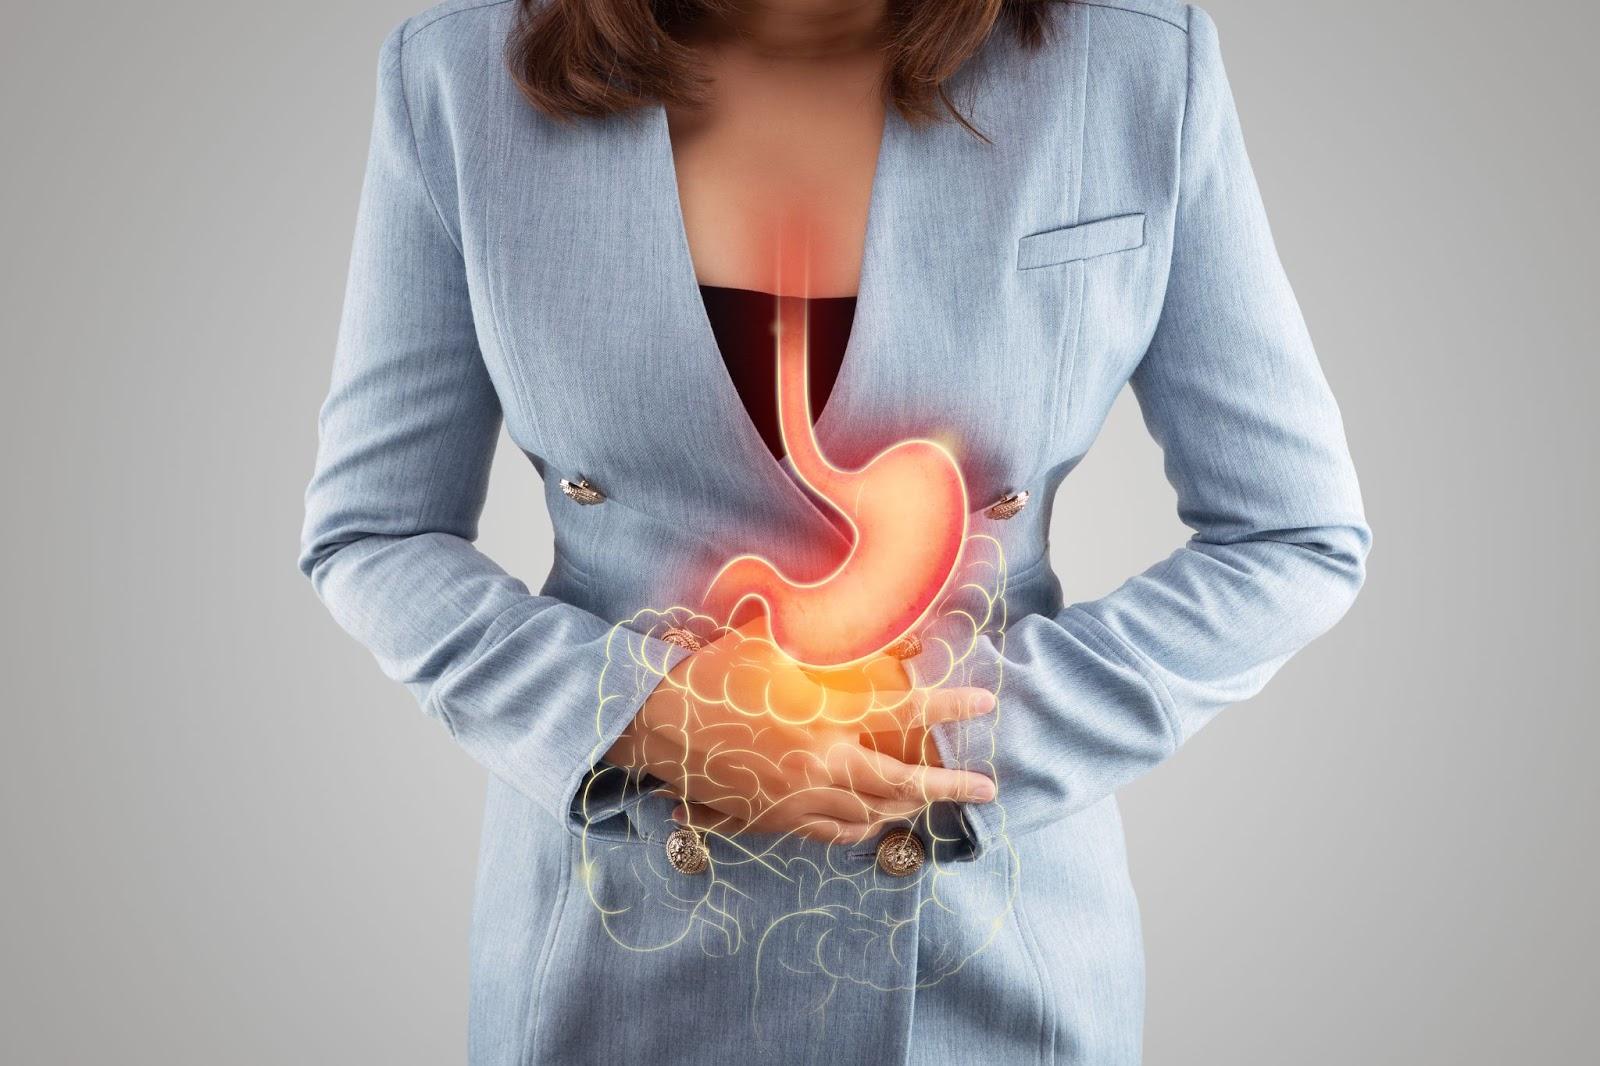 Câncer de esôfago: causas, sintomas e tratamento